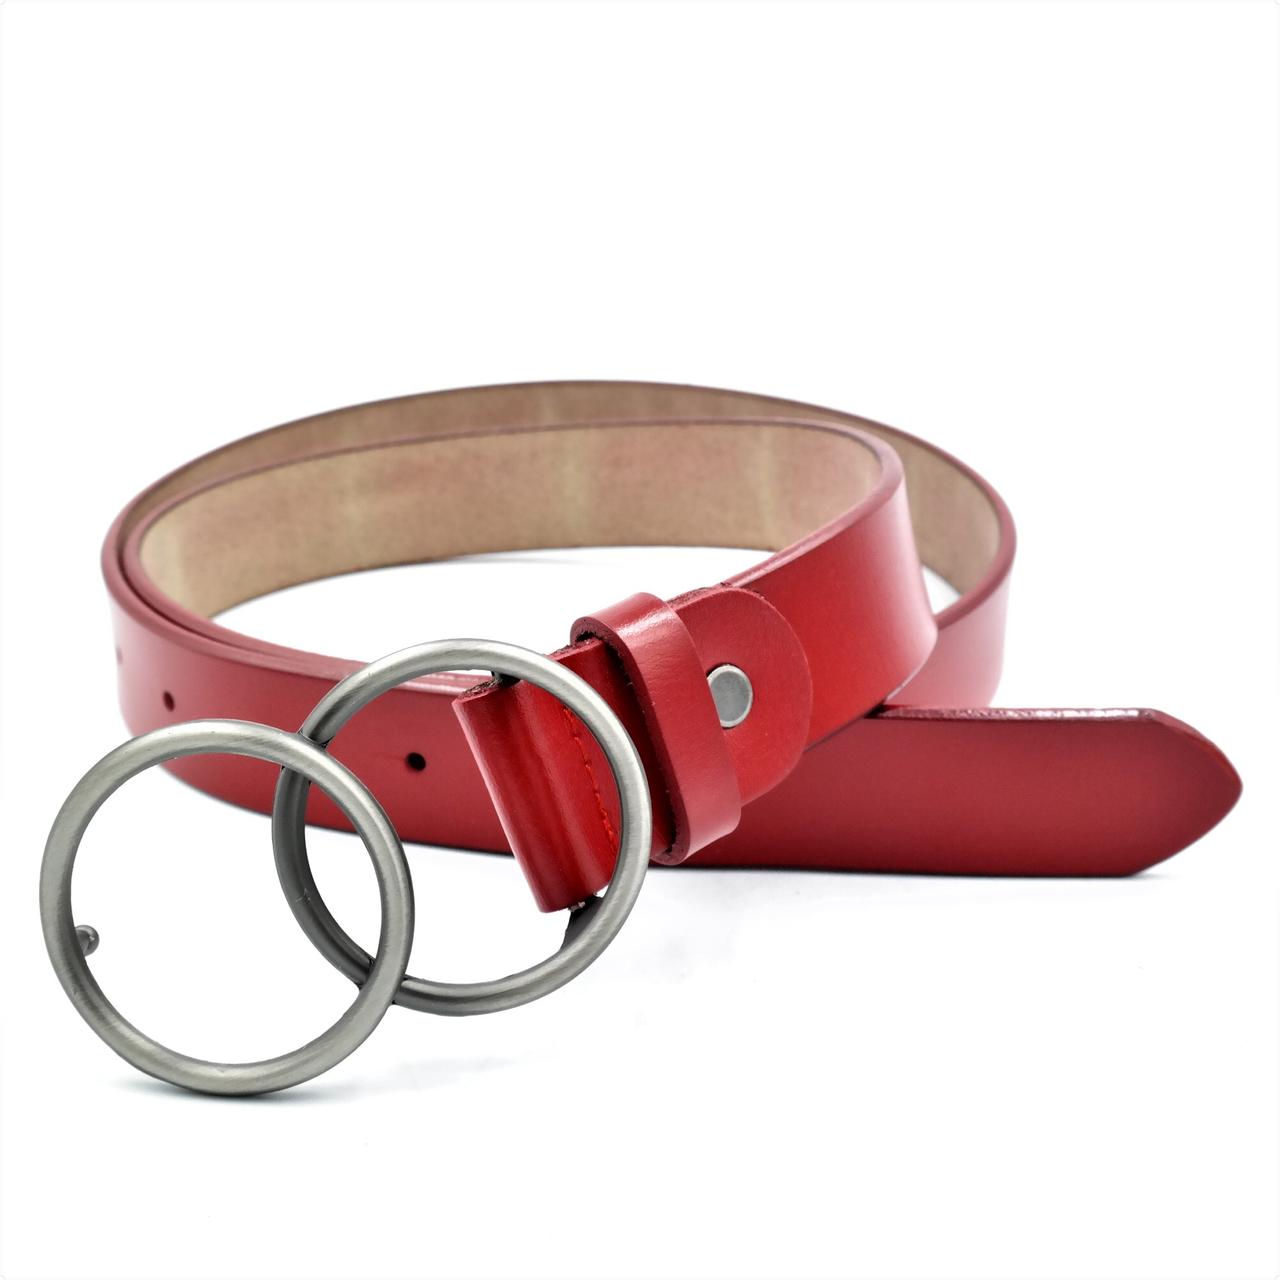 Женский кожаный ремень Le-Mon 110-115 см Красный (nwzh-30k-0061)